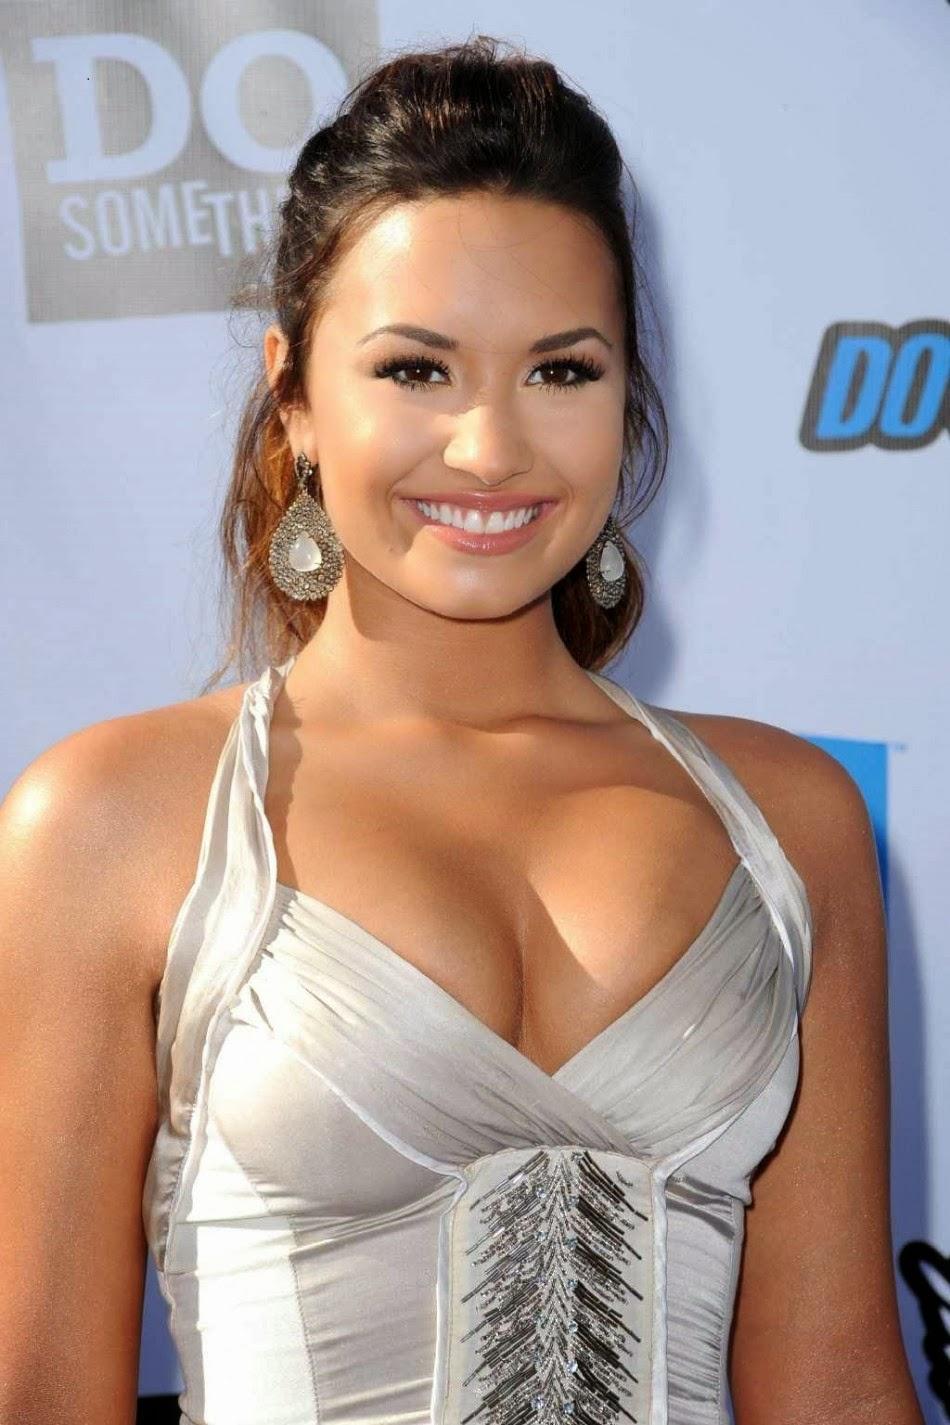 Teen Female Celebrities Hq Pics 171 Celebrities Hot Wallpapers